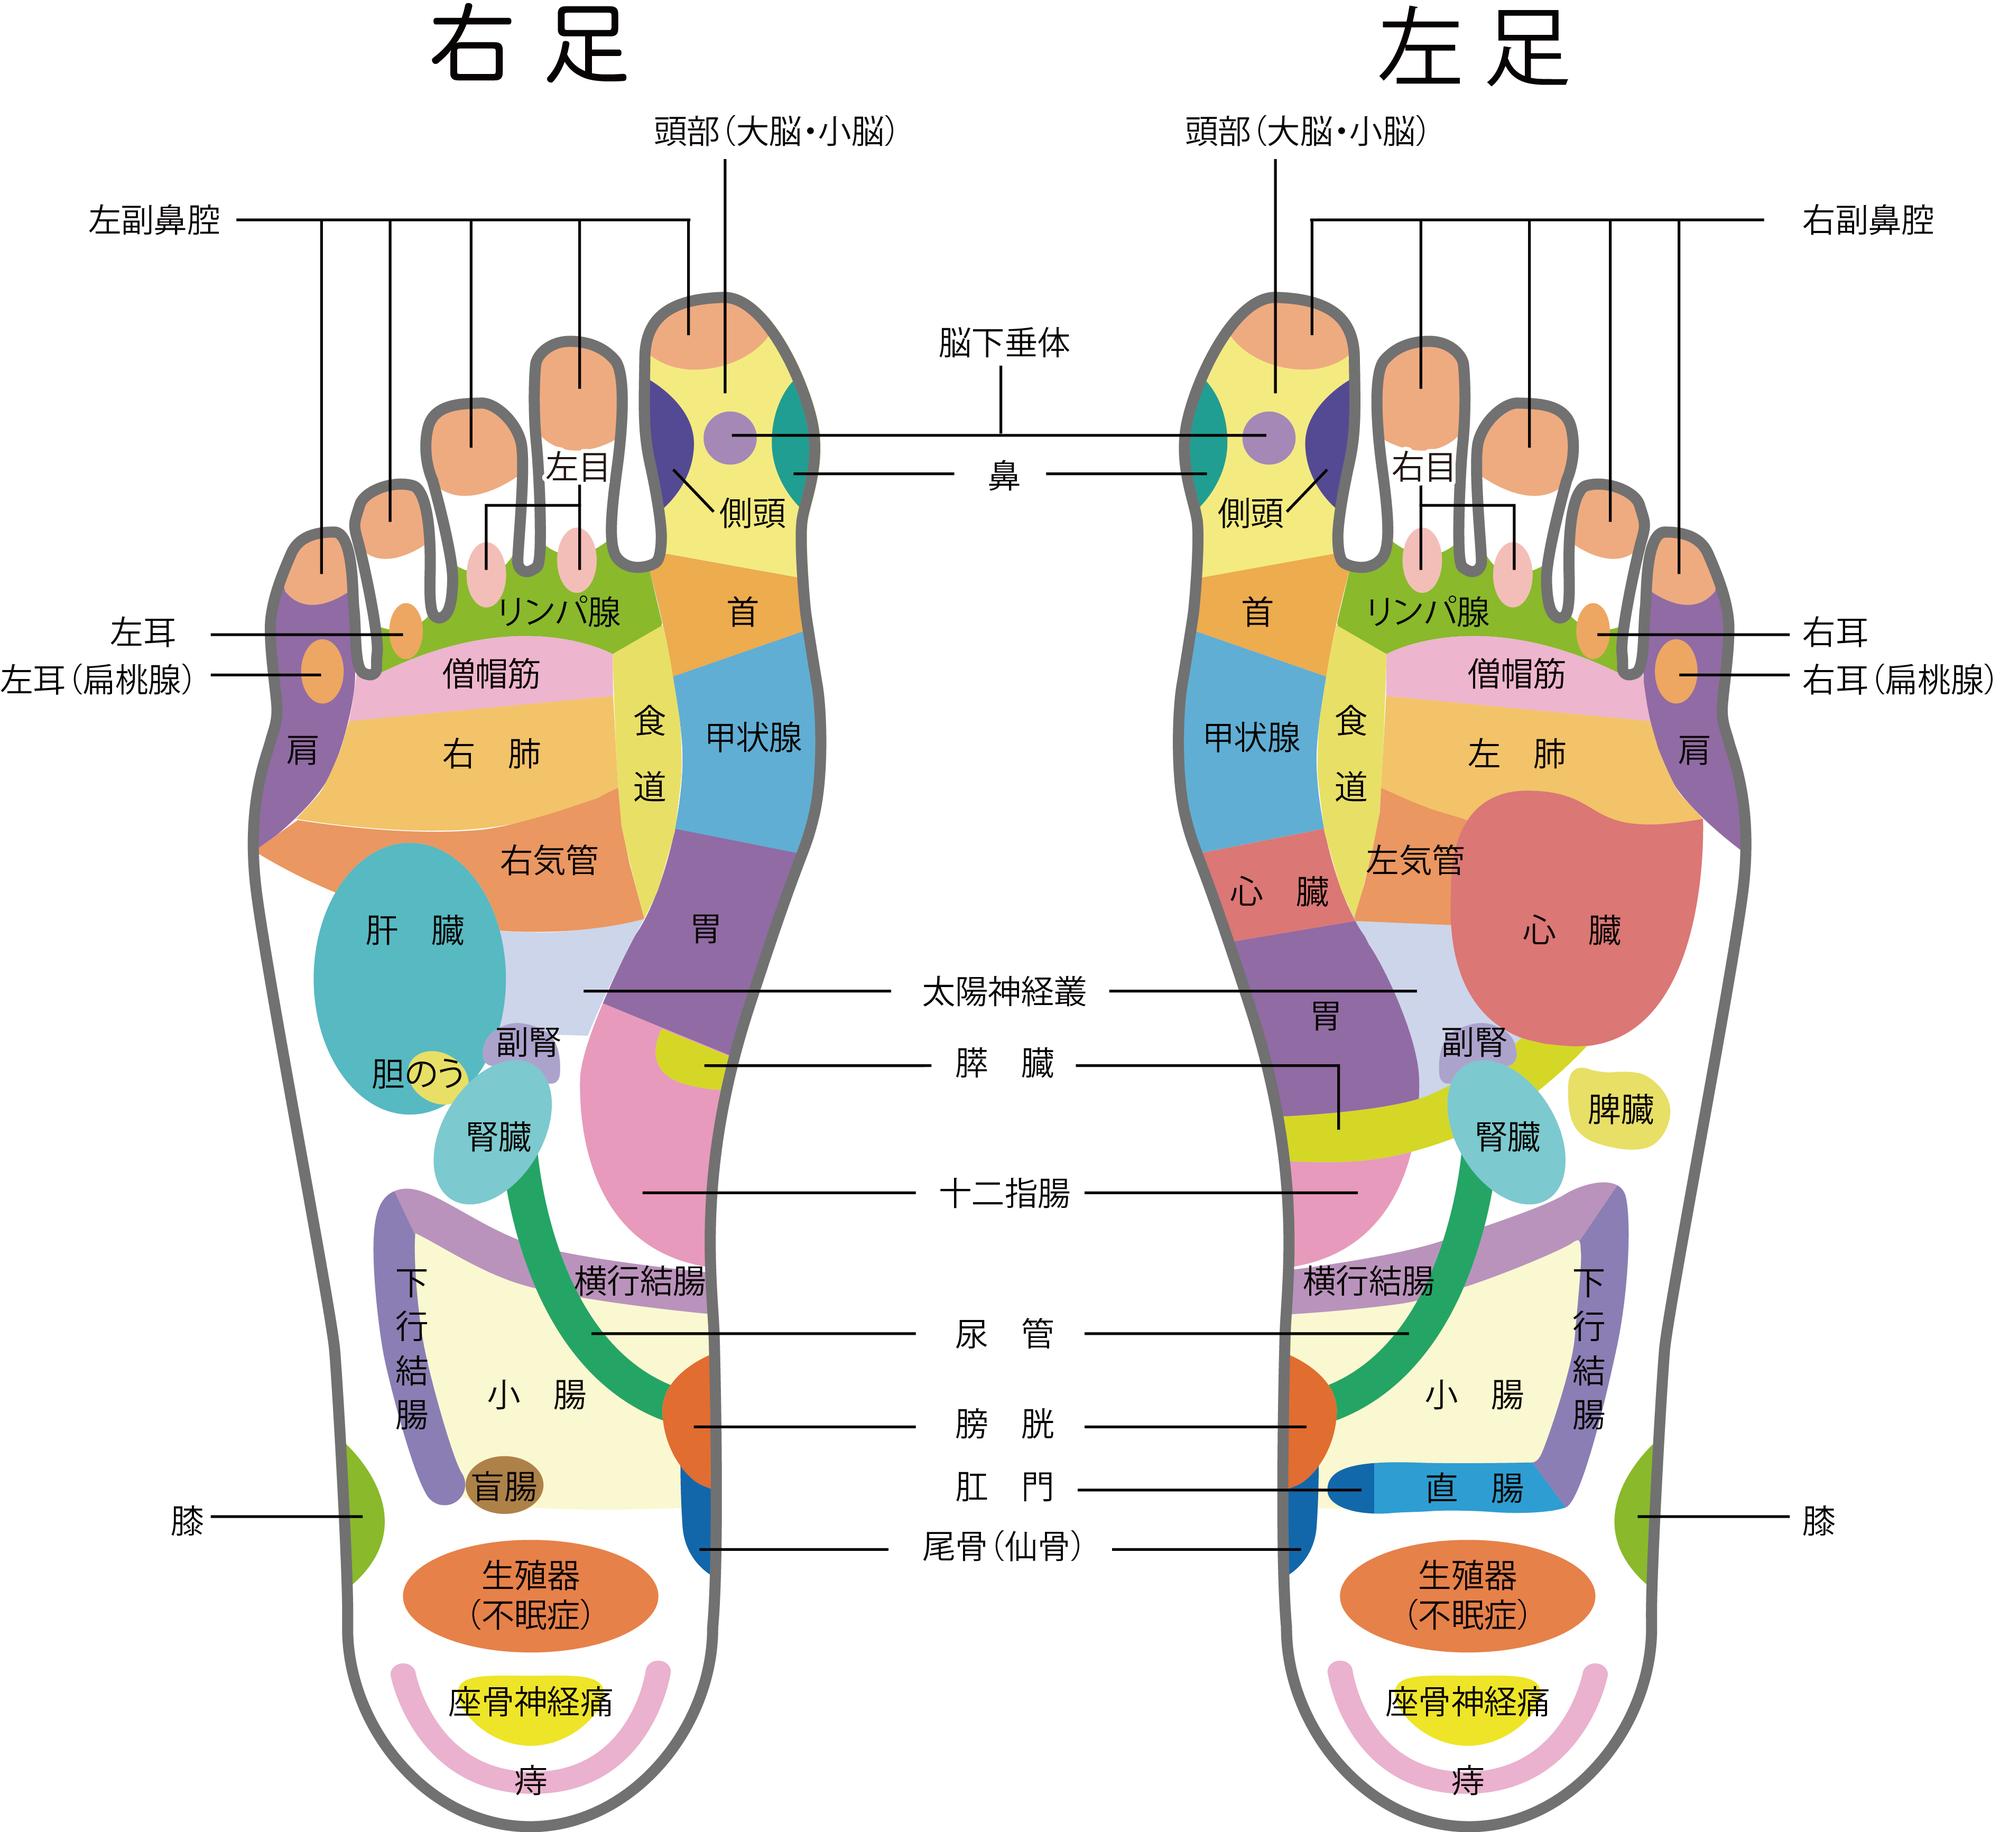 リフレクソロジー(足つぼ)マップ